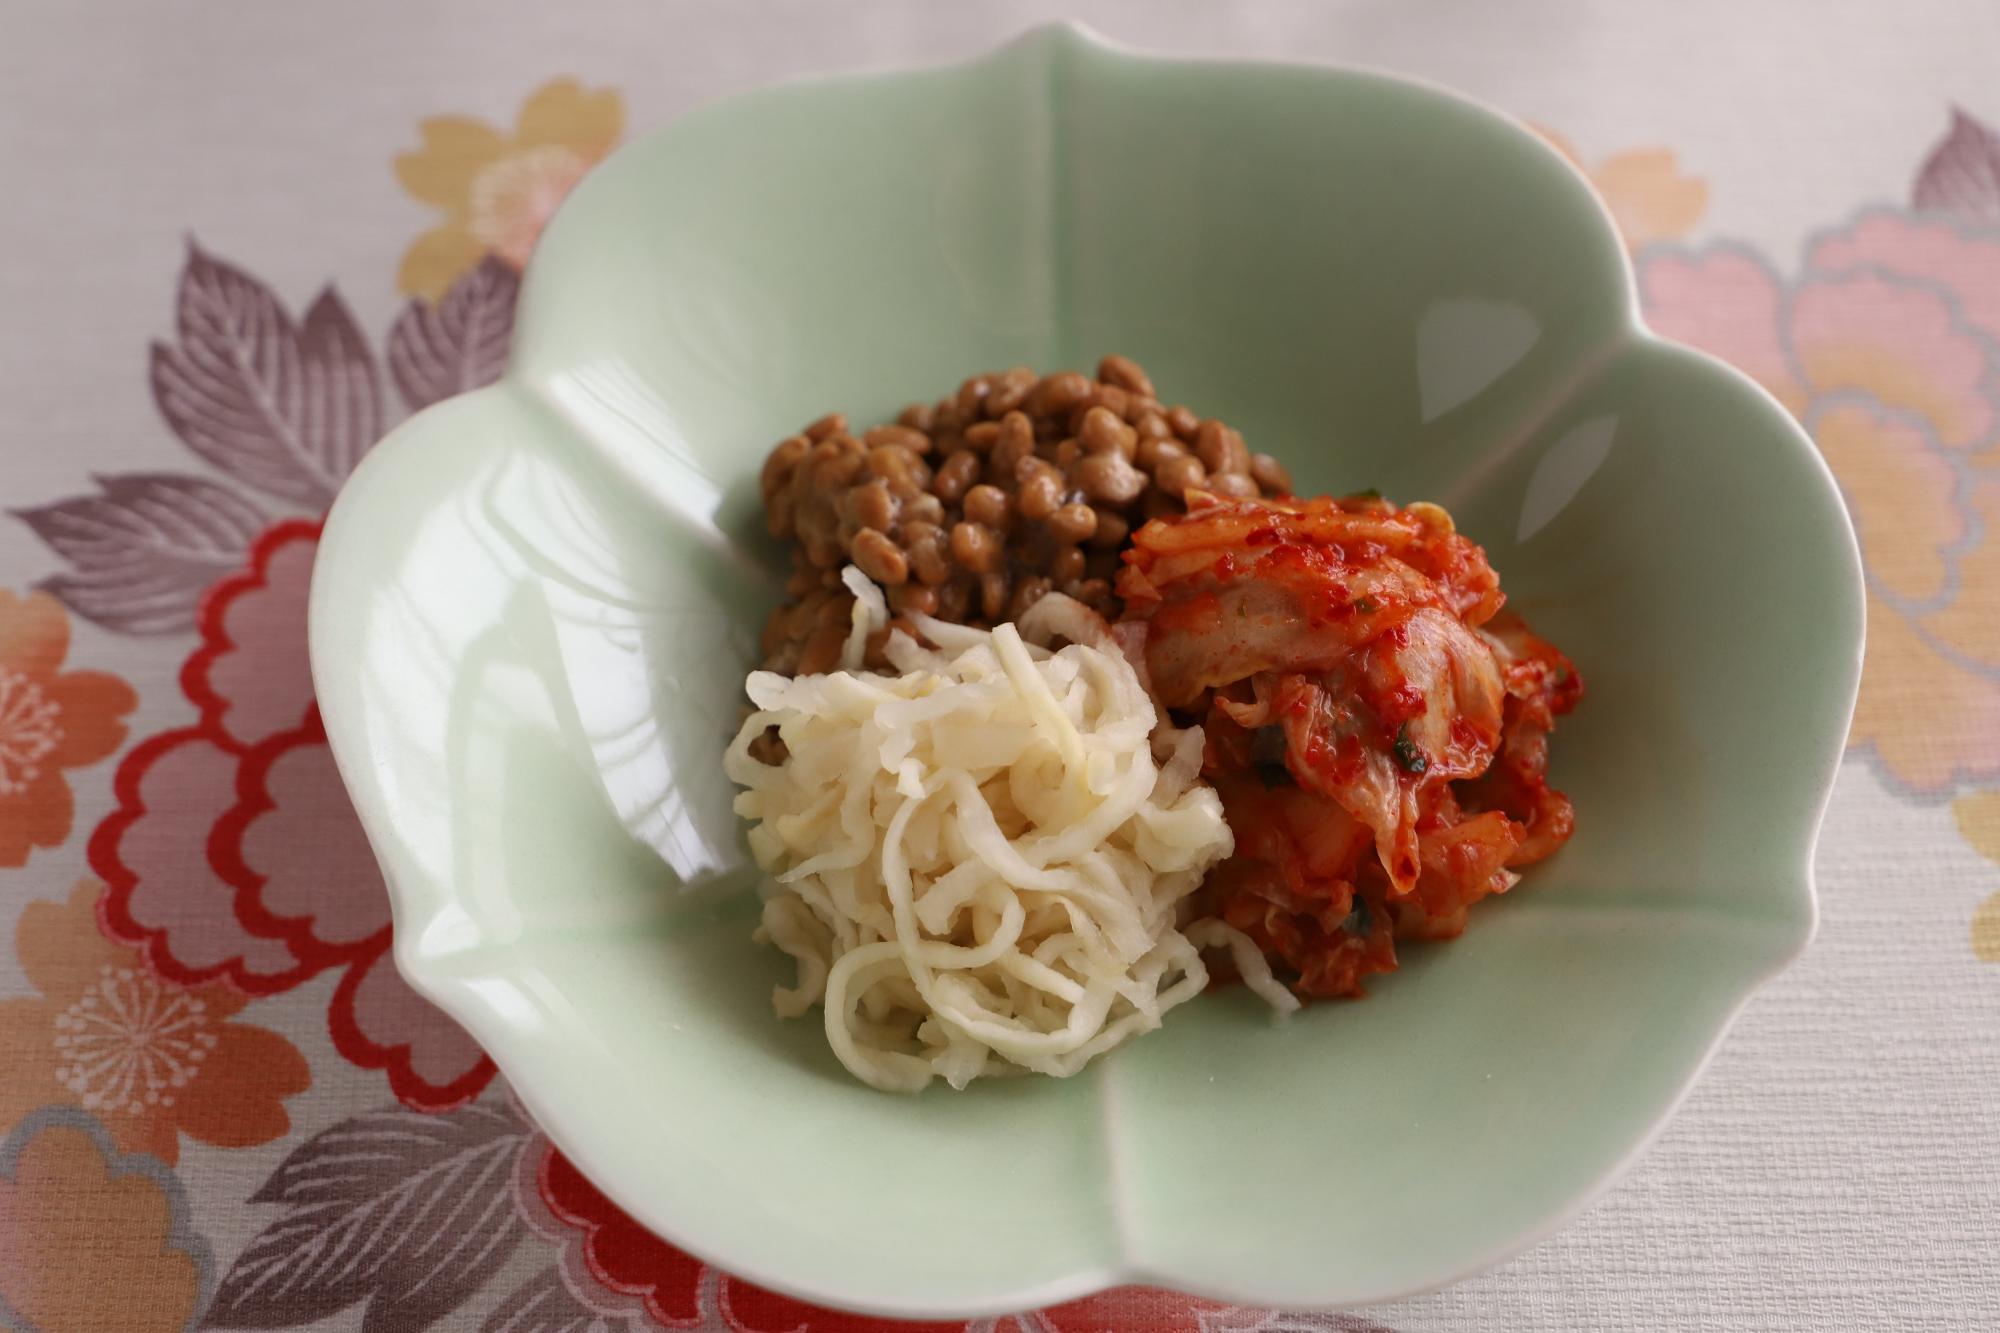 納豆、戻した切干大根、キムチは適量を入れた状態。